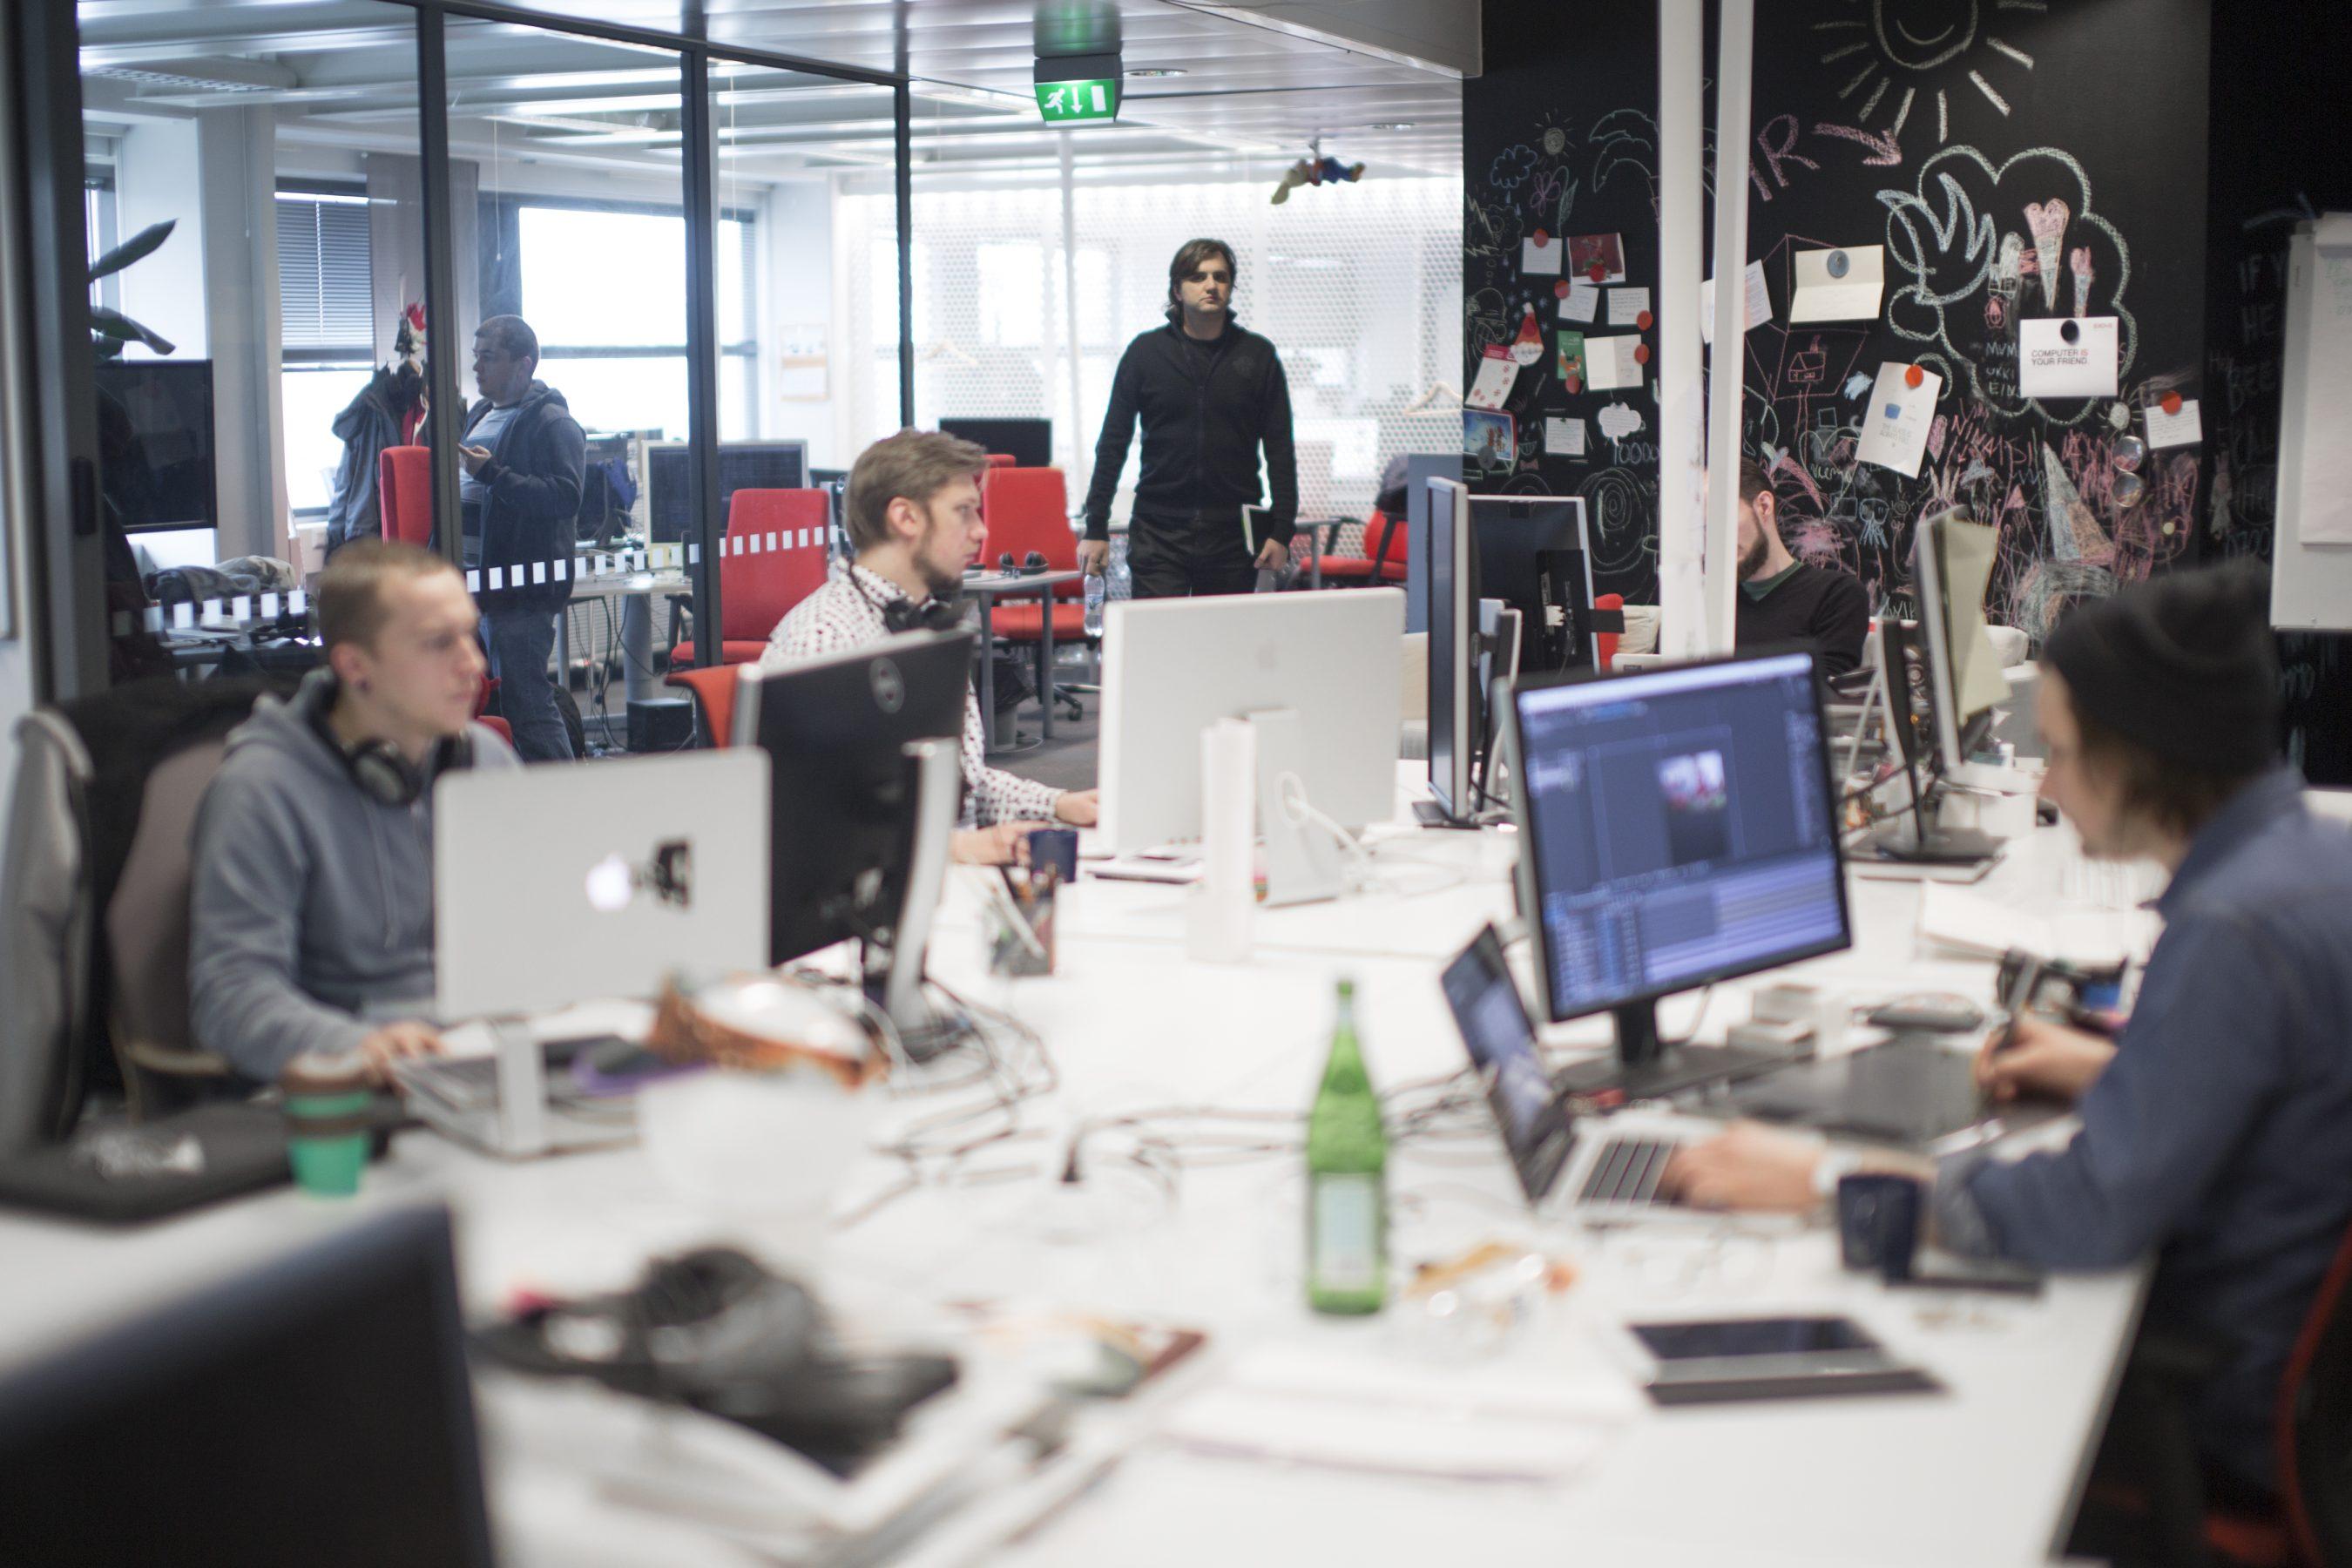 Exove office full of developers